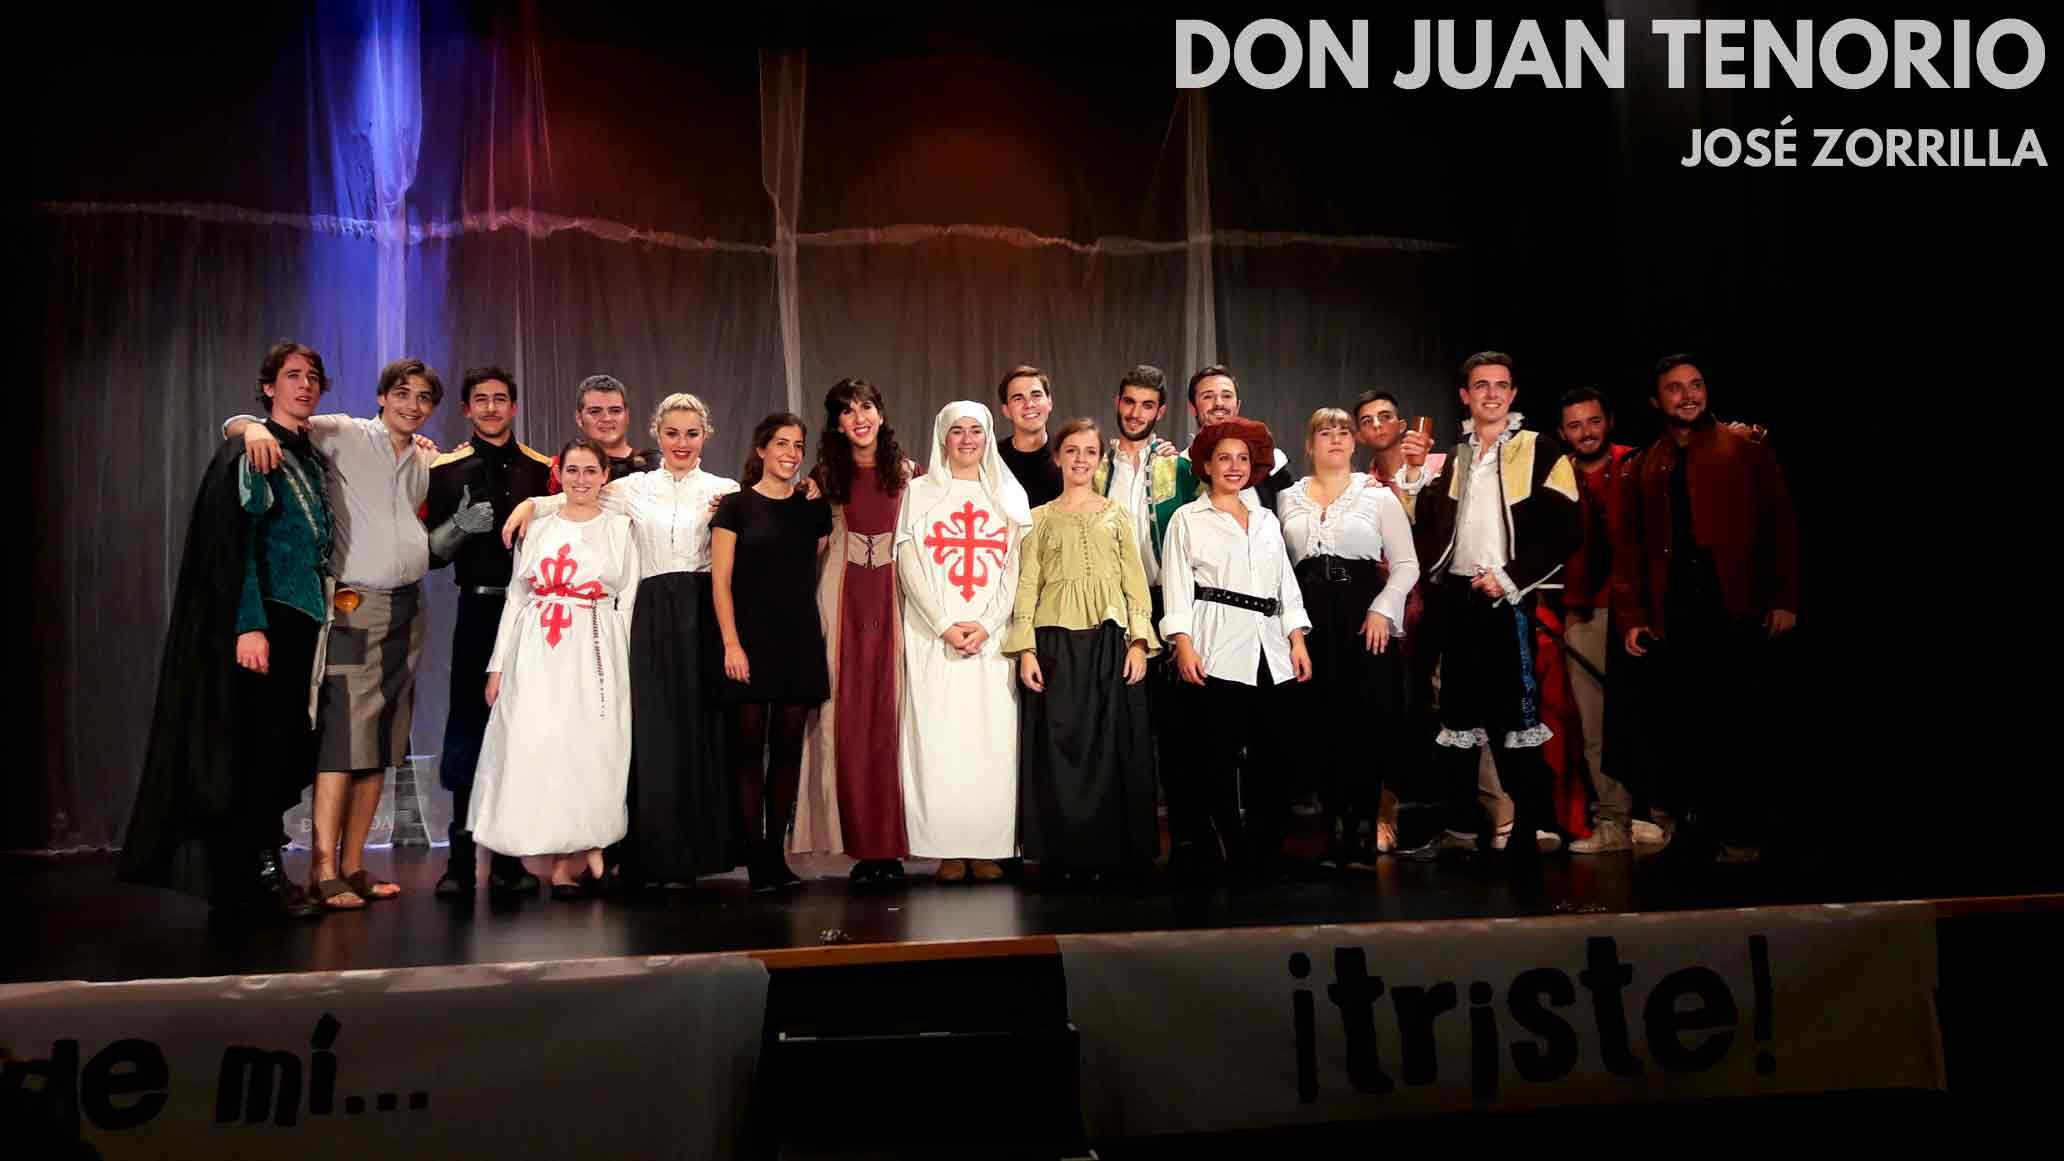 Don Juan Tenorio Grupo de Teatro Ay de mí...¡triste! Estudiar en Universidad Privada Madrid